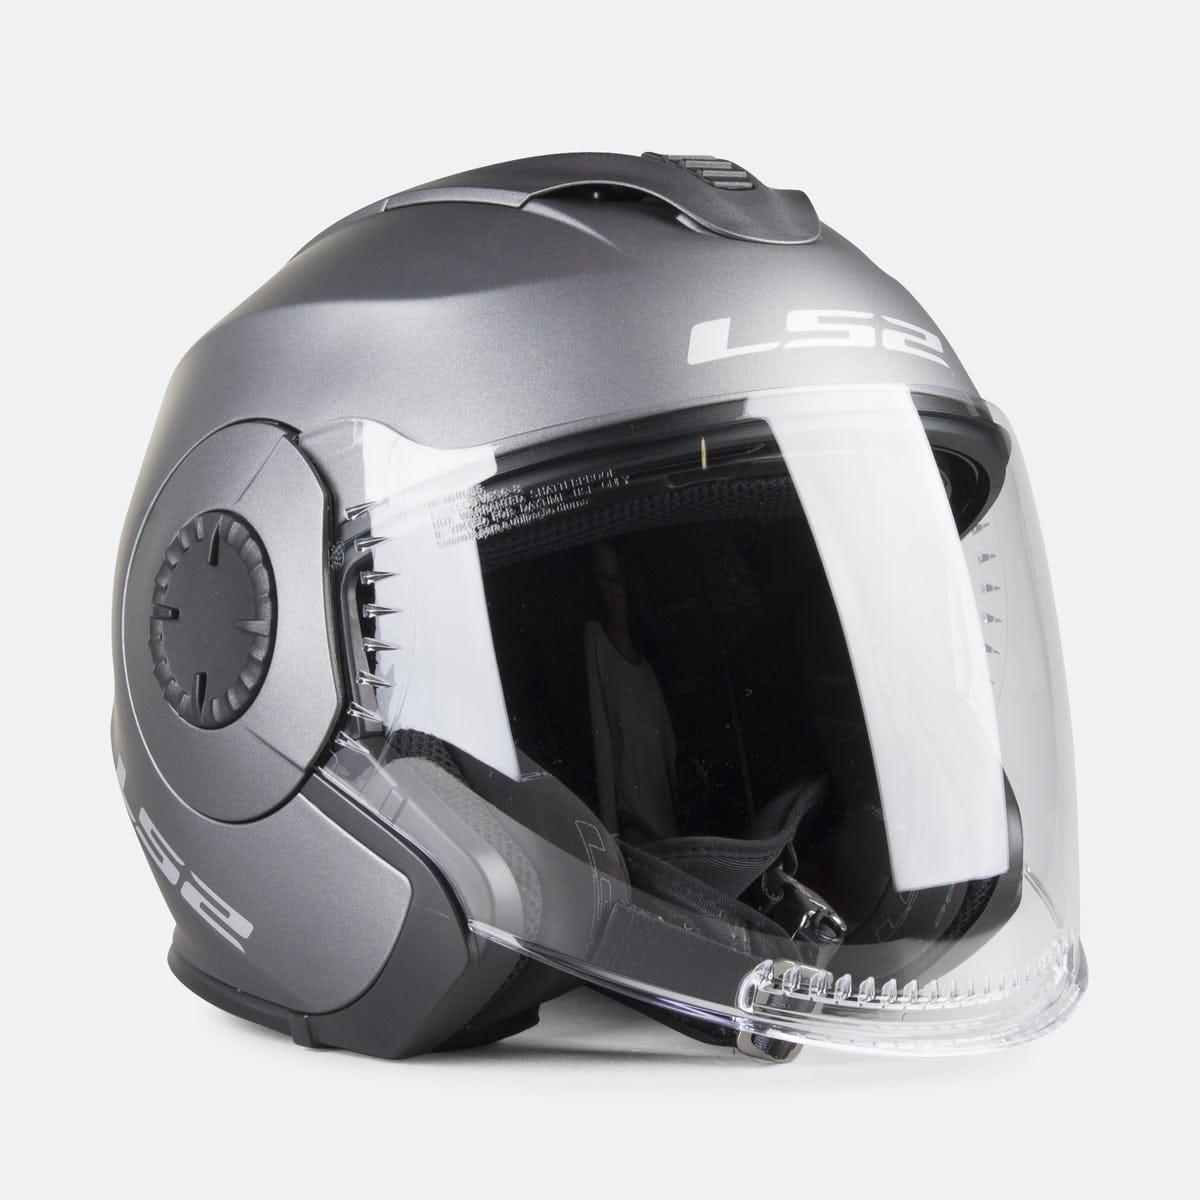 МОТОШОЛОМ LS2 OF570 Verso Single Mono Open Face Helmet Matte Titanium титан